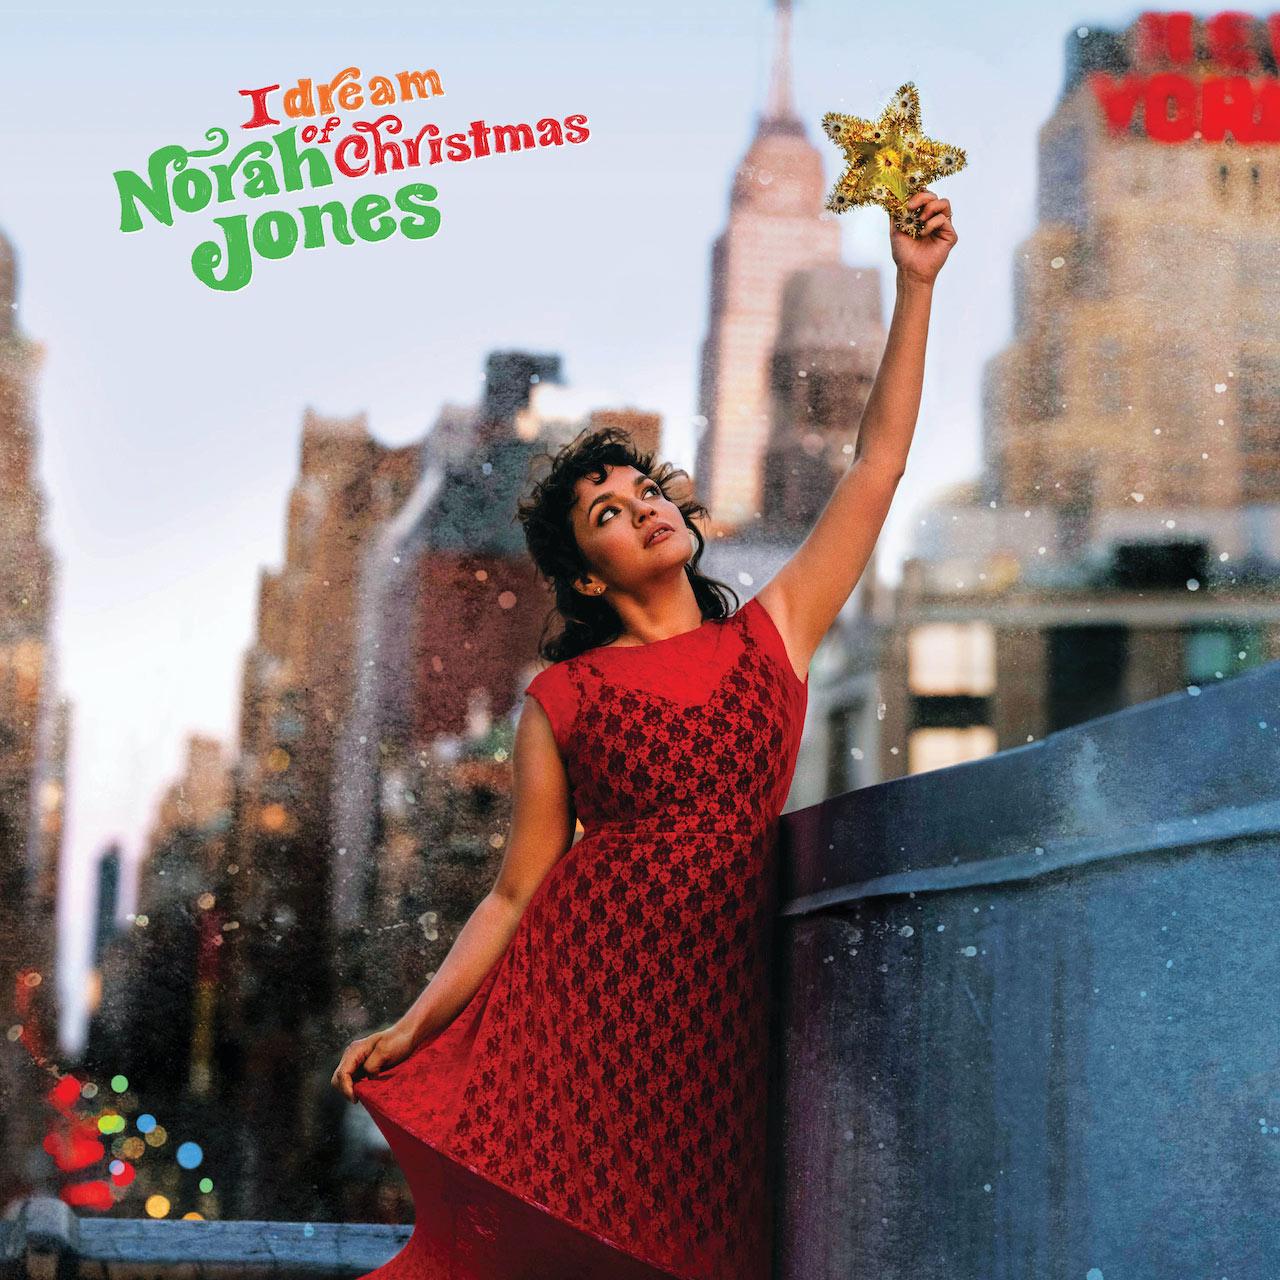 Norah Jones išleido pirmąjį kalėdinių dainų albumą (perklausykite)